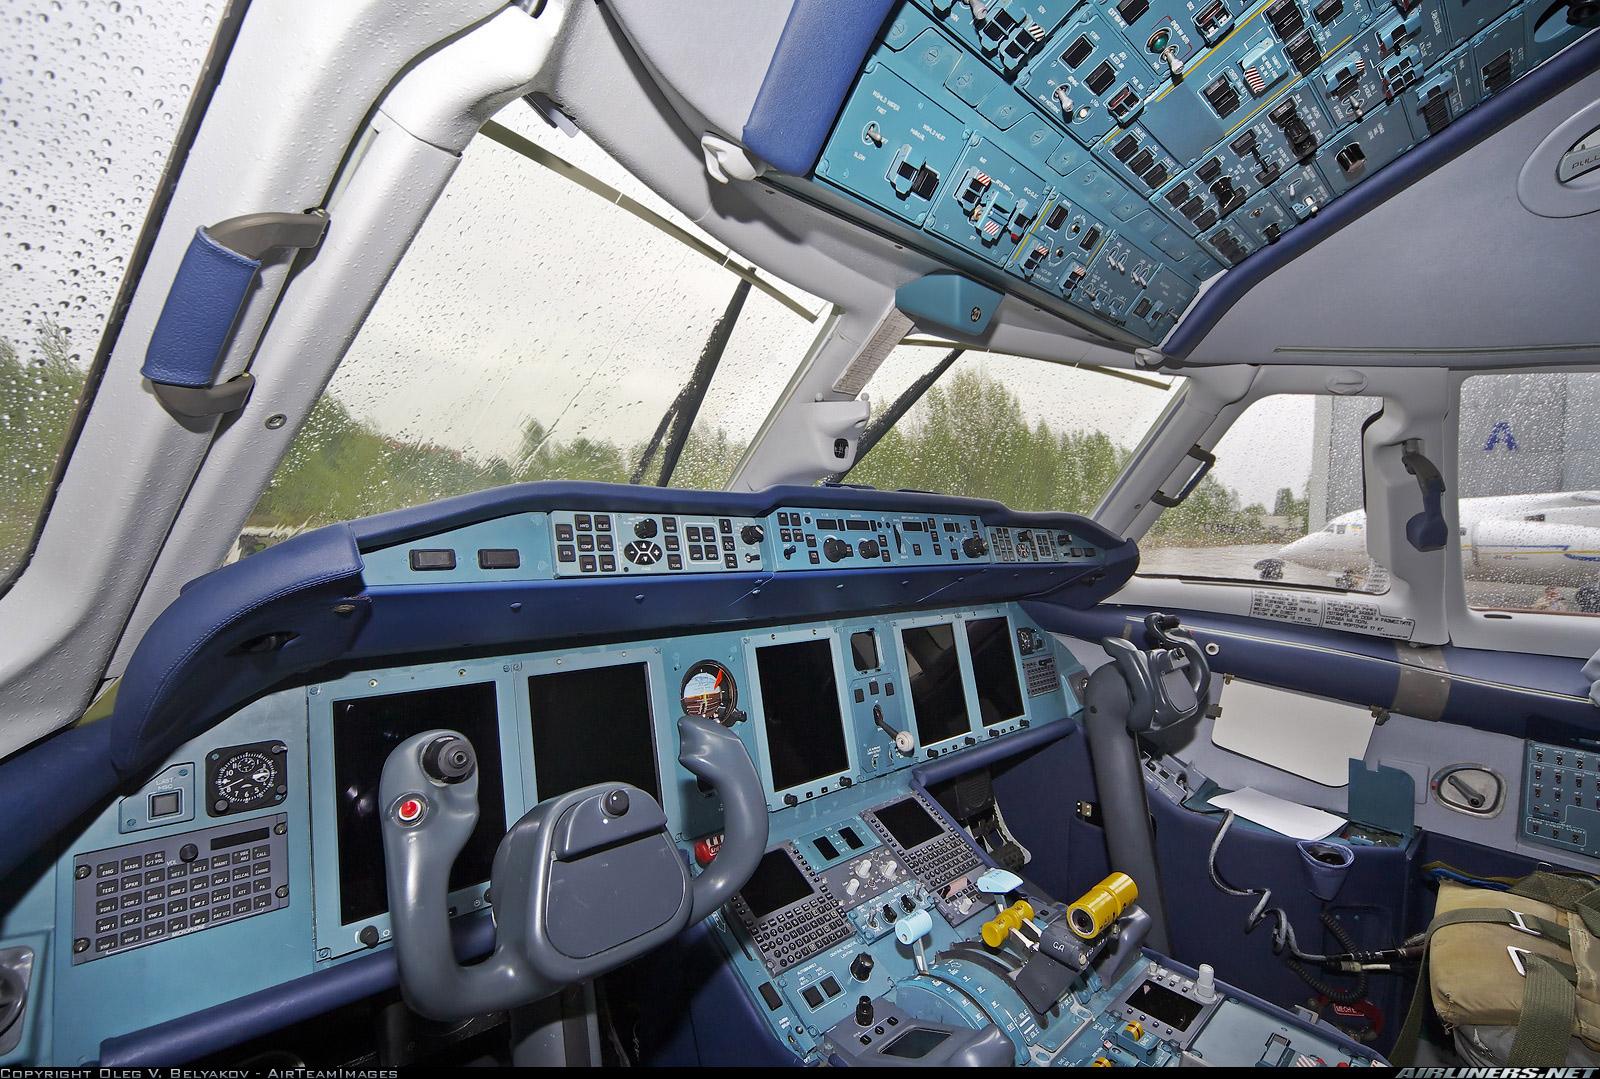 """Кабина Ан-178 после первого полета, аэродром """"Гостомель"""", 07.05.2015 г.  (фото - Олег Беляков, http://www.airliners.net/)."""